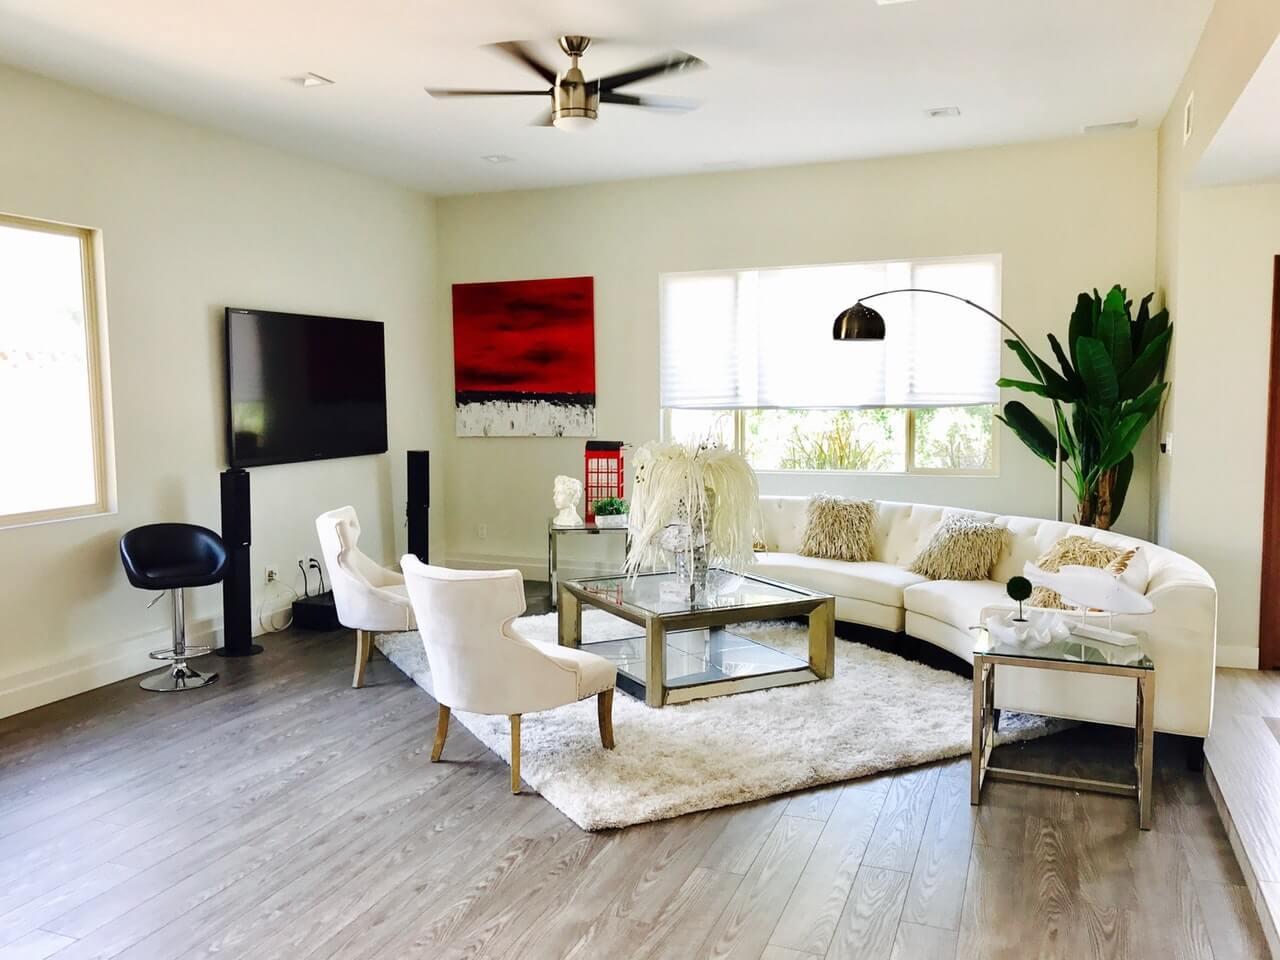 Livingroom remodeling service